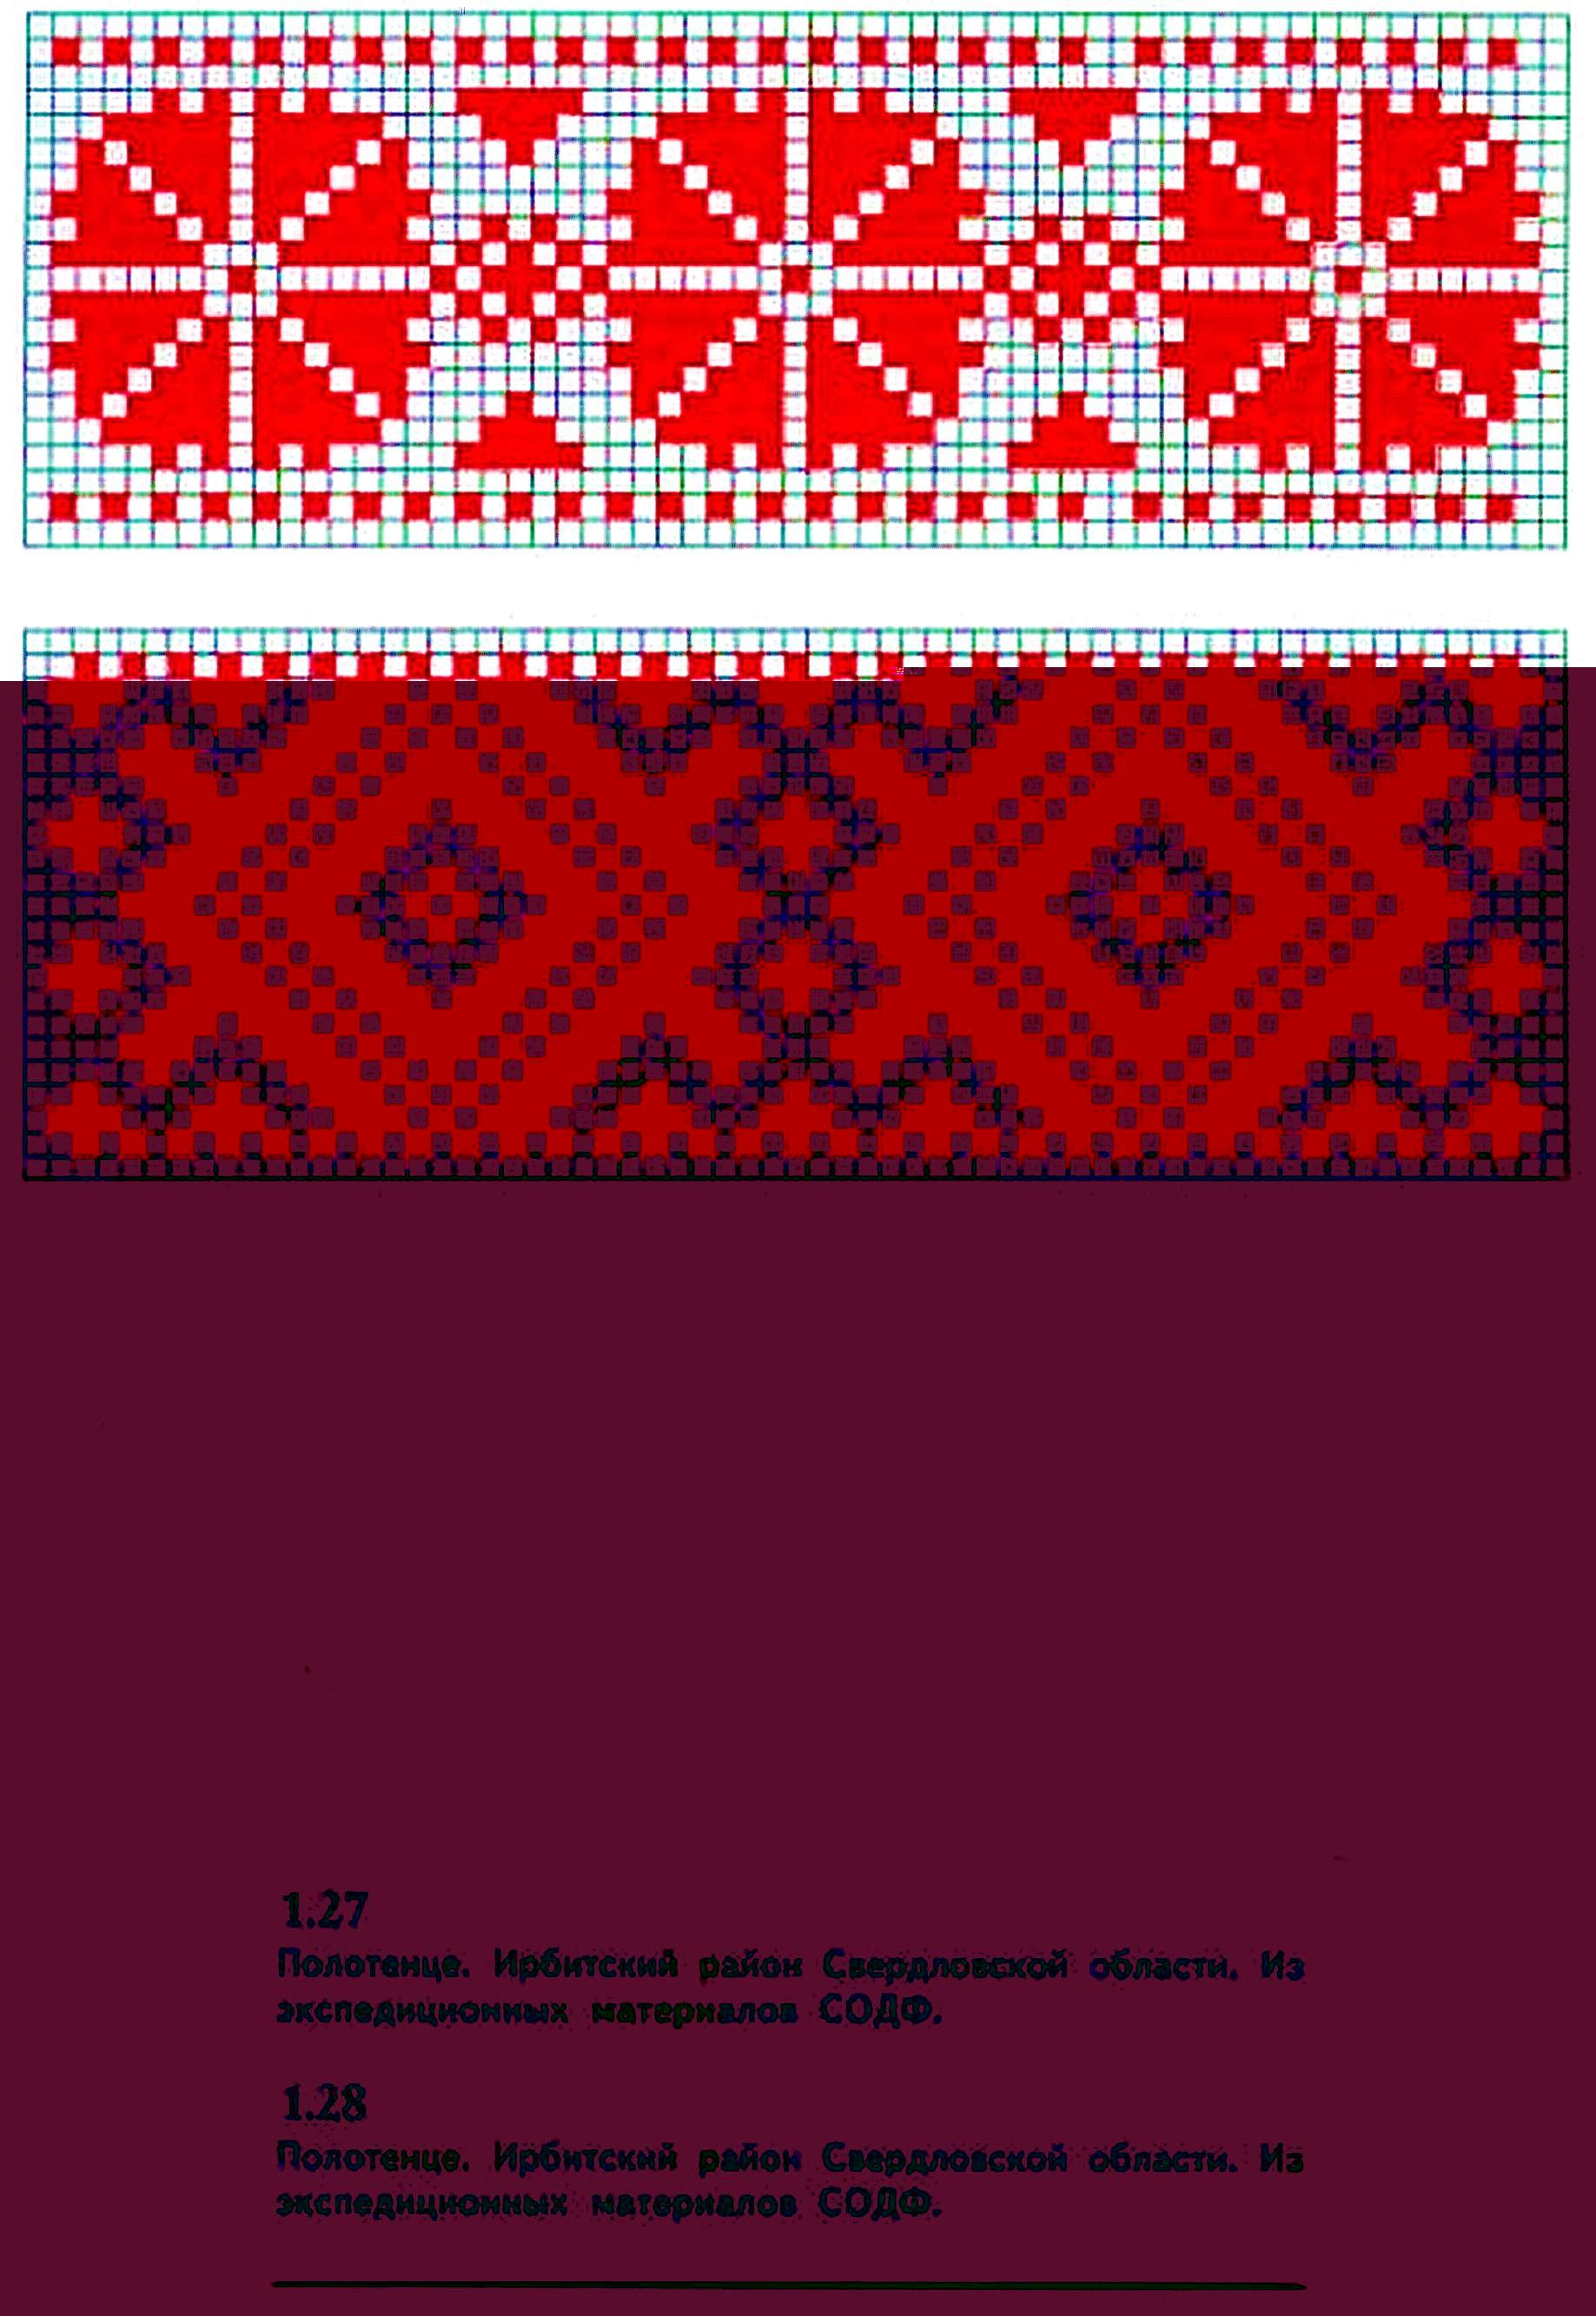 Узоры и орнаменты в русской вышивке 905